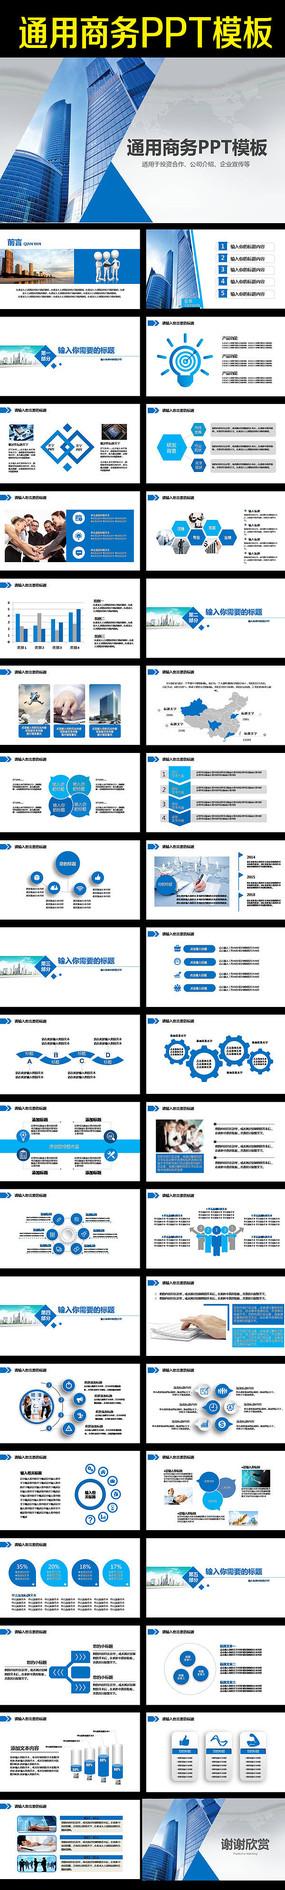 精品蓝色宽屏商务PPT模板设计下载